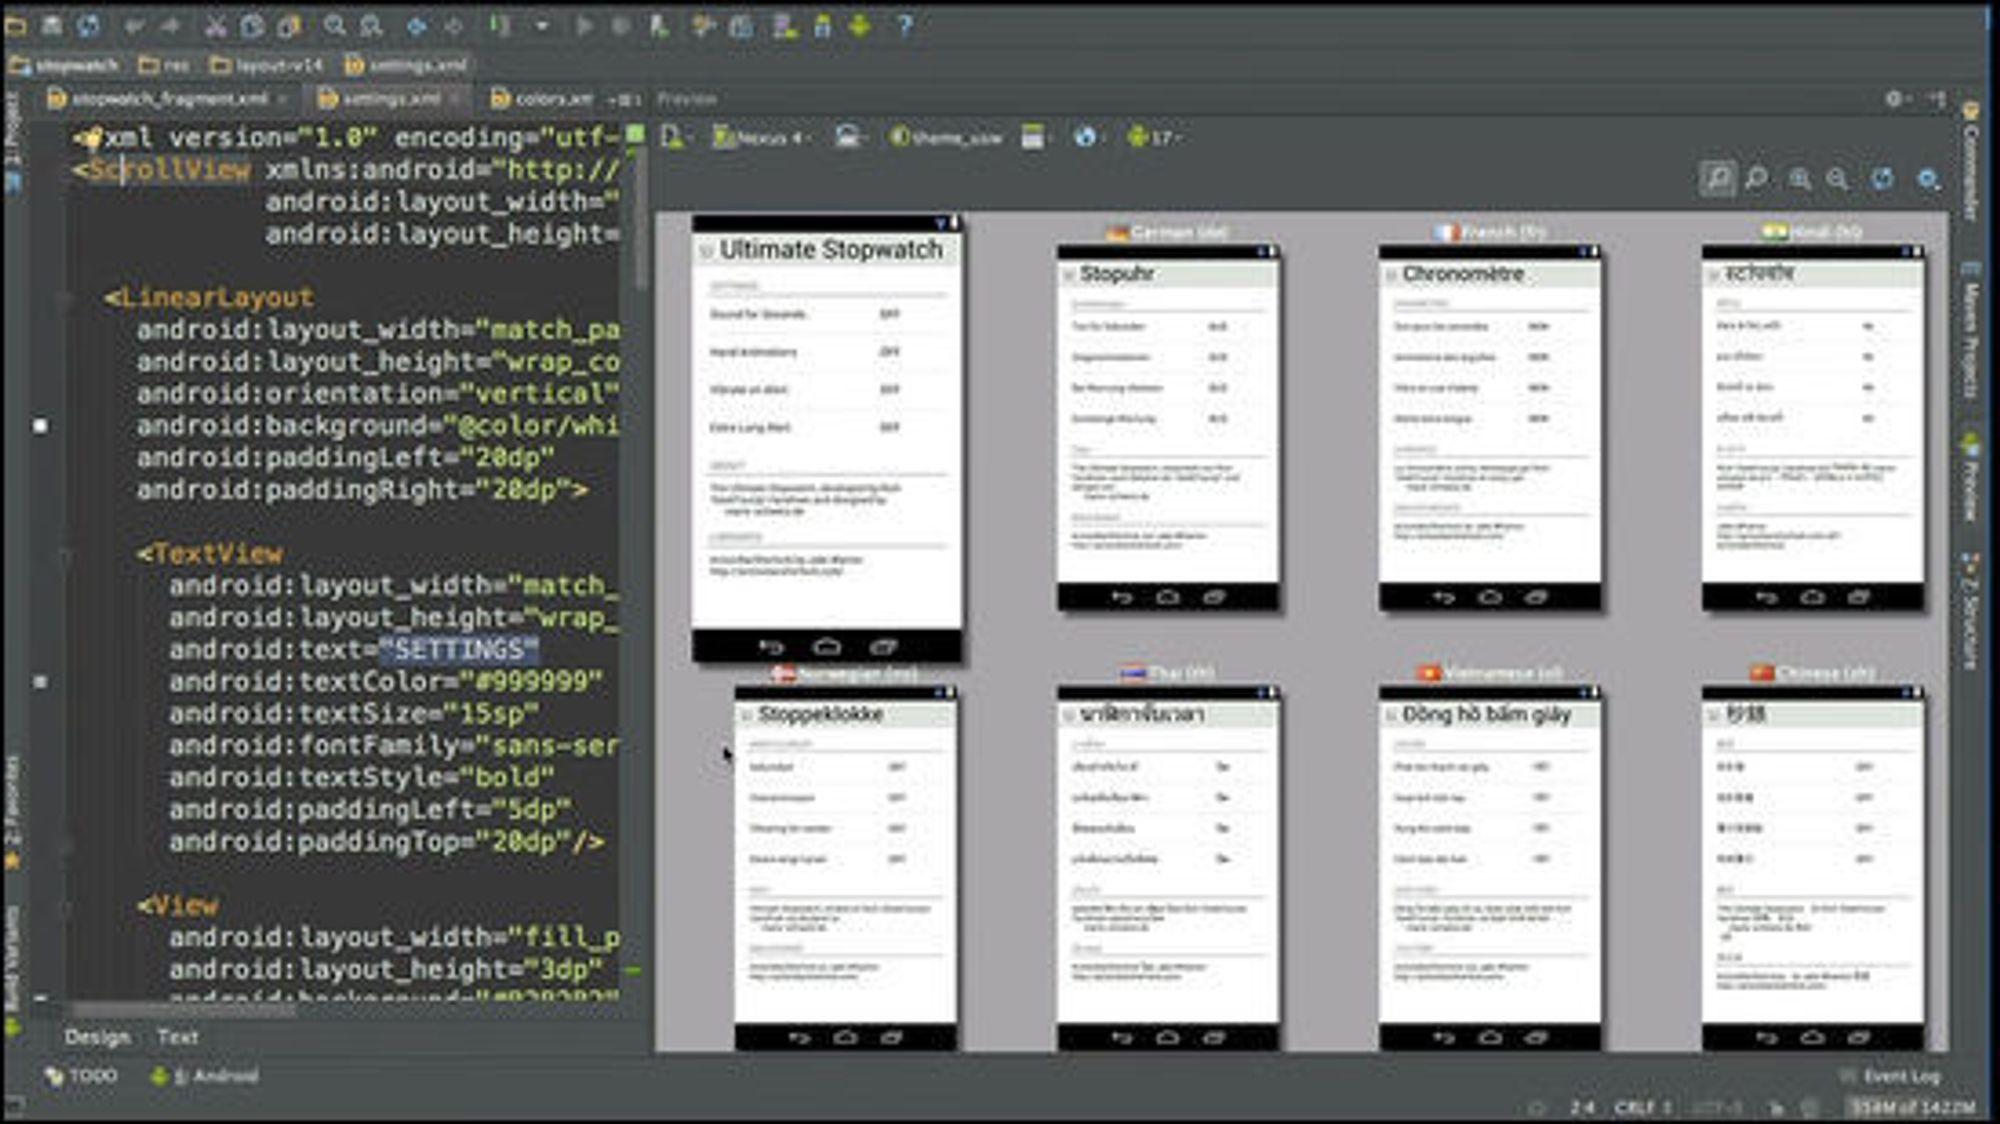 Tilpasning av språk i Android-applikasjoner skal være enklere med Android Studio.